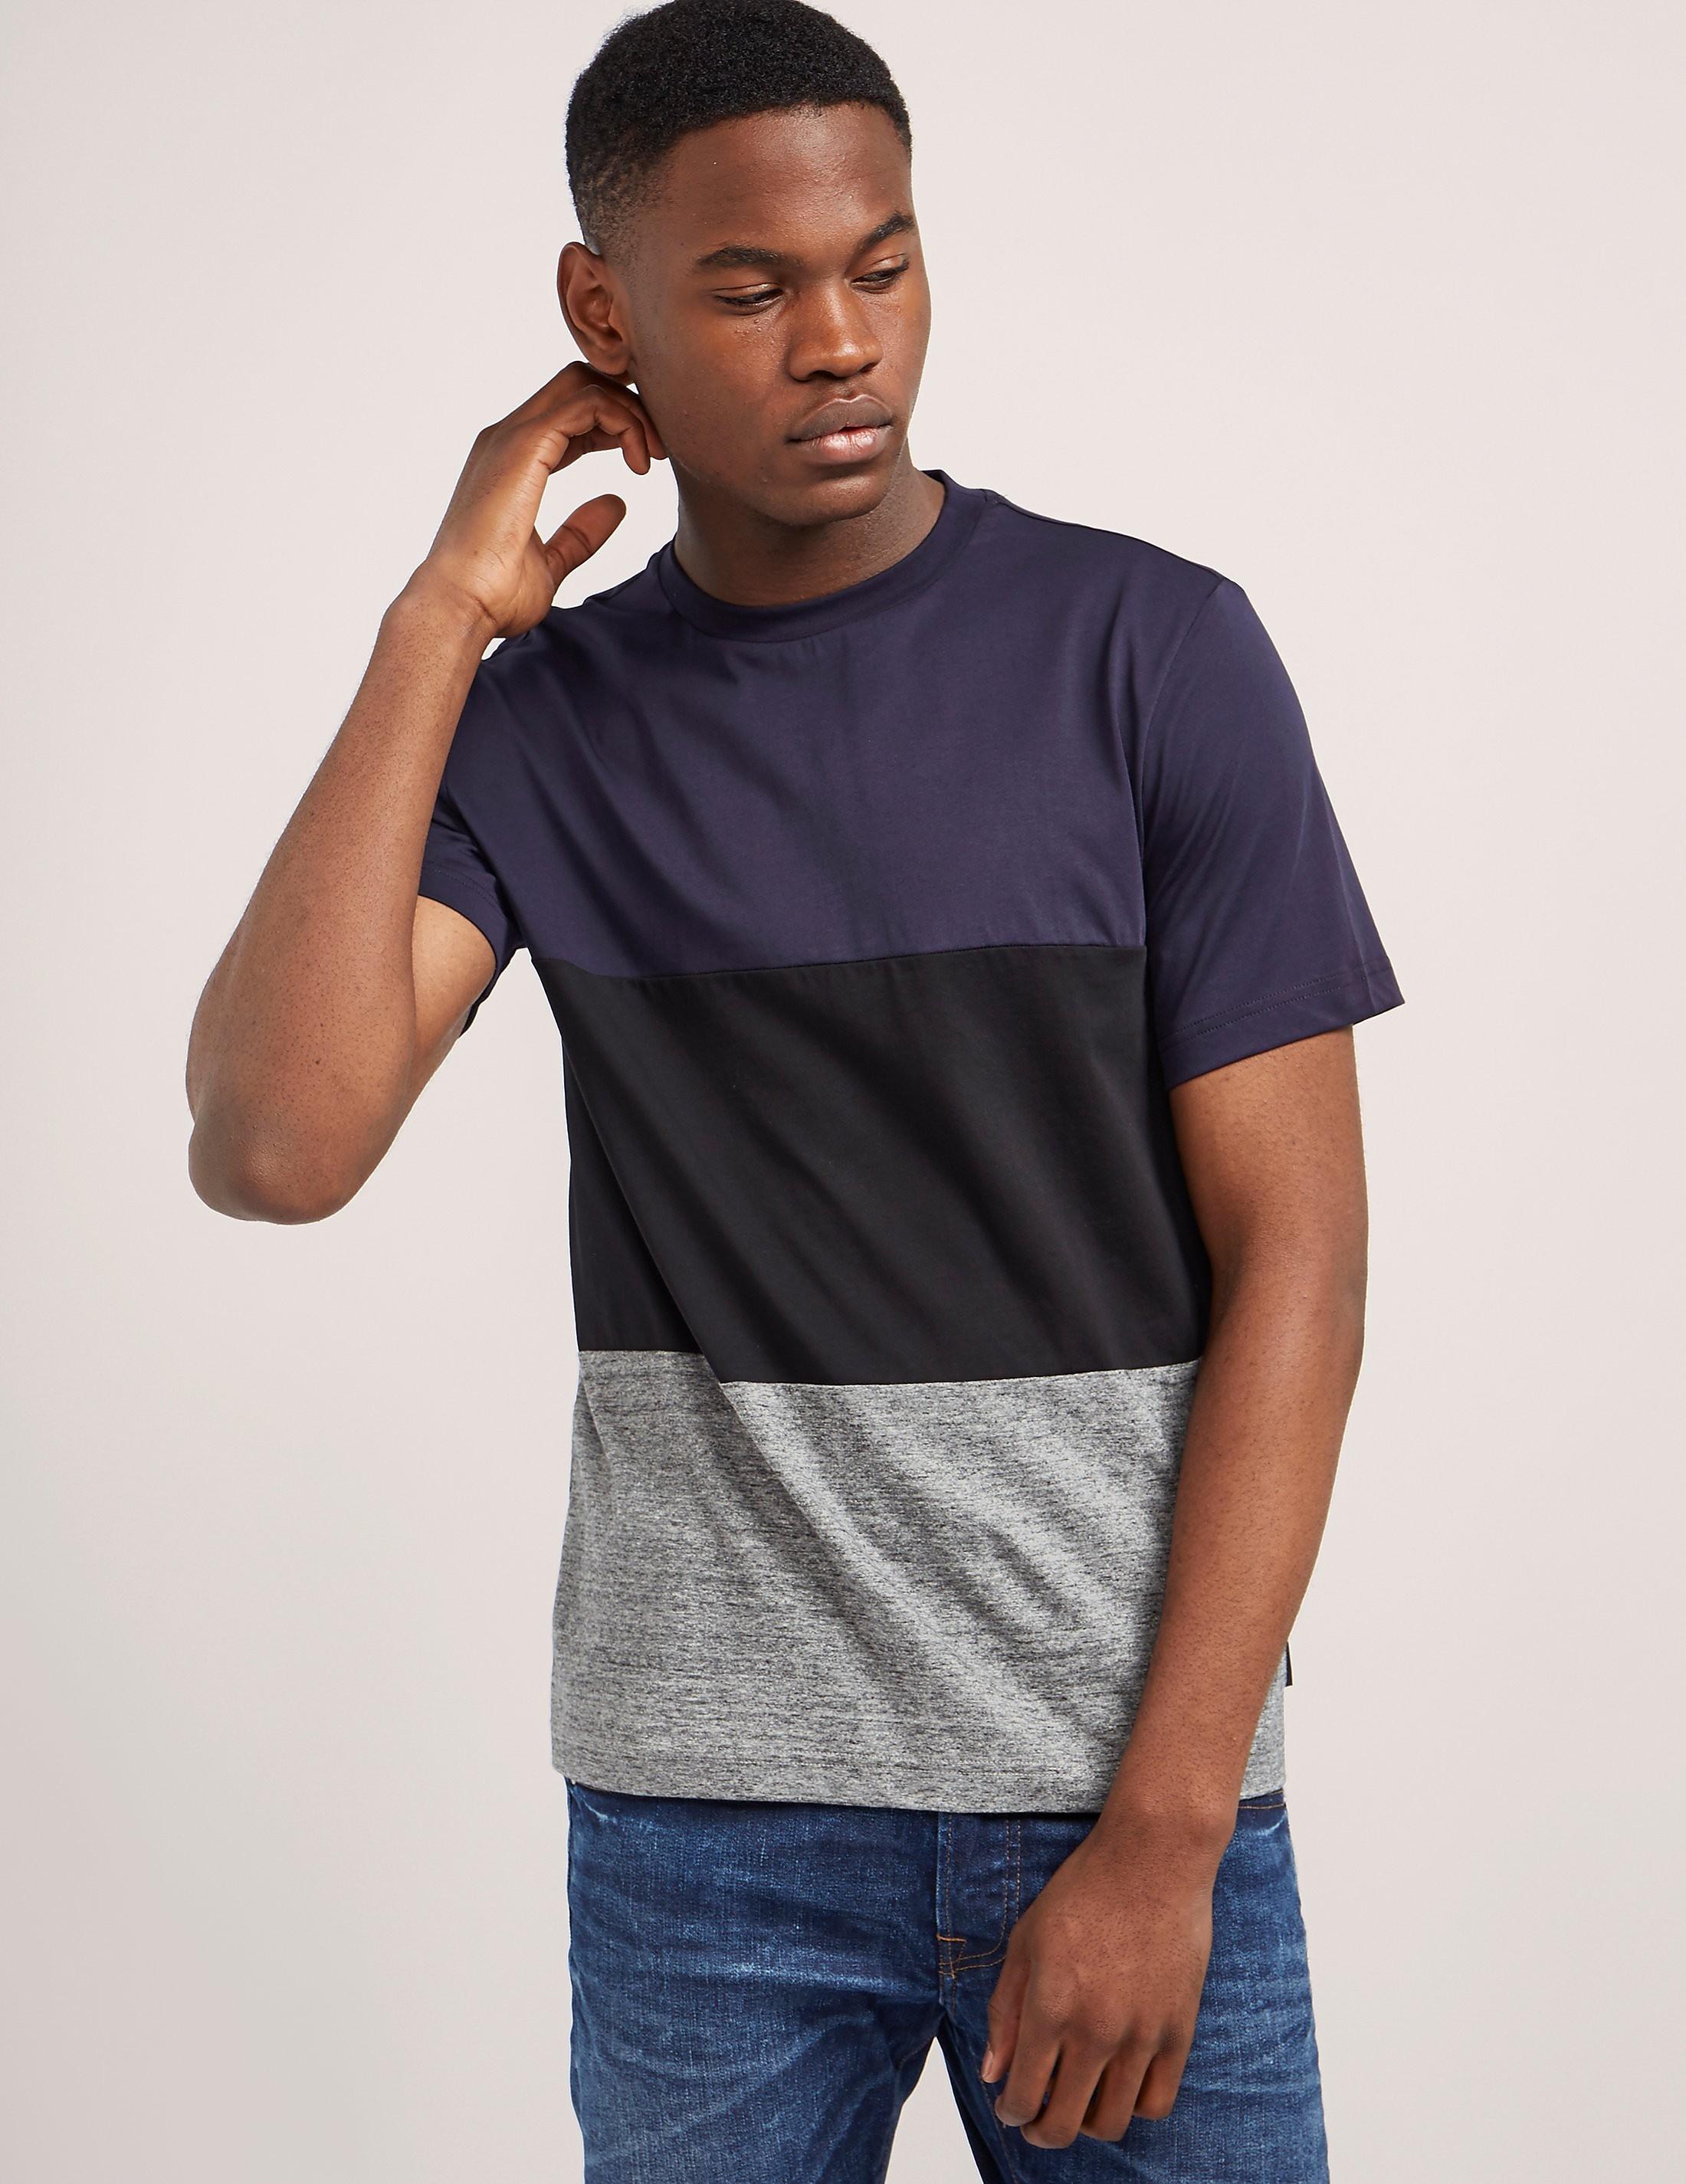 Paul Smith Colour Block Short Sleeve T-Shirt